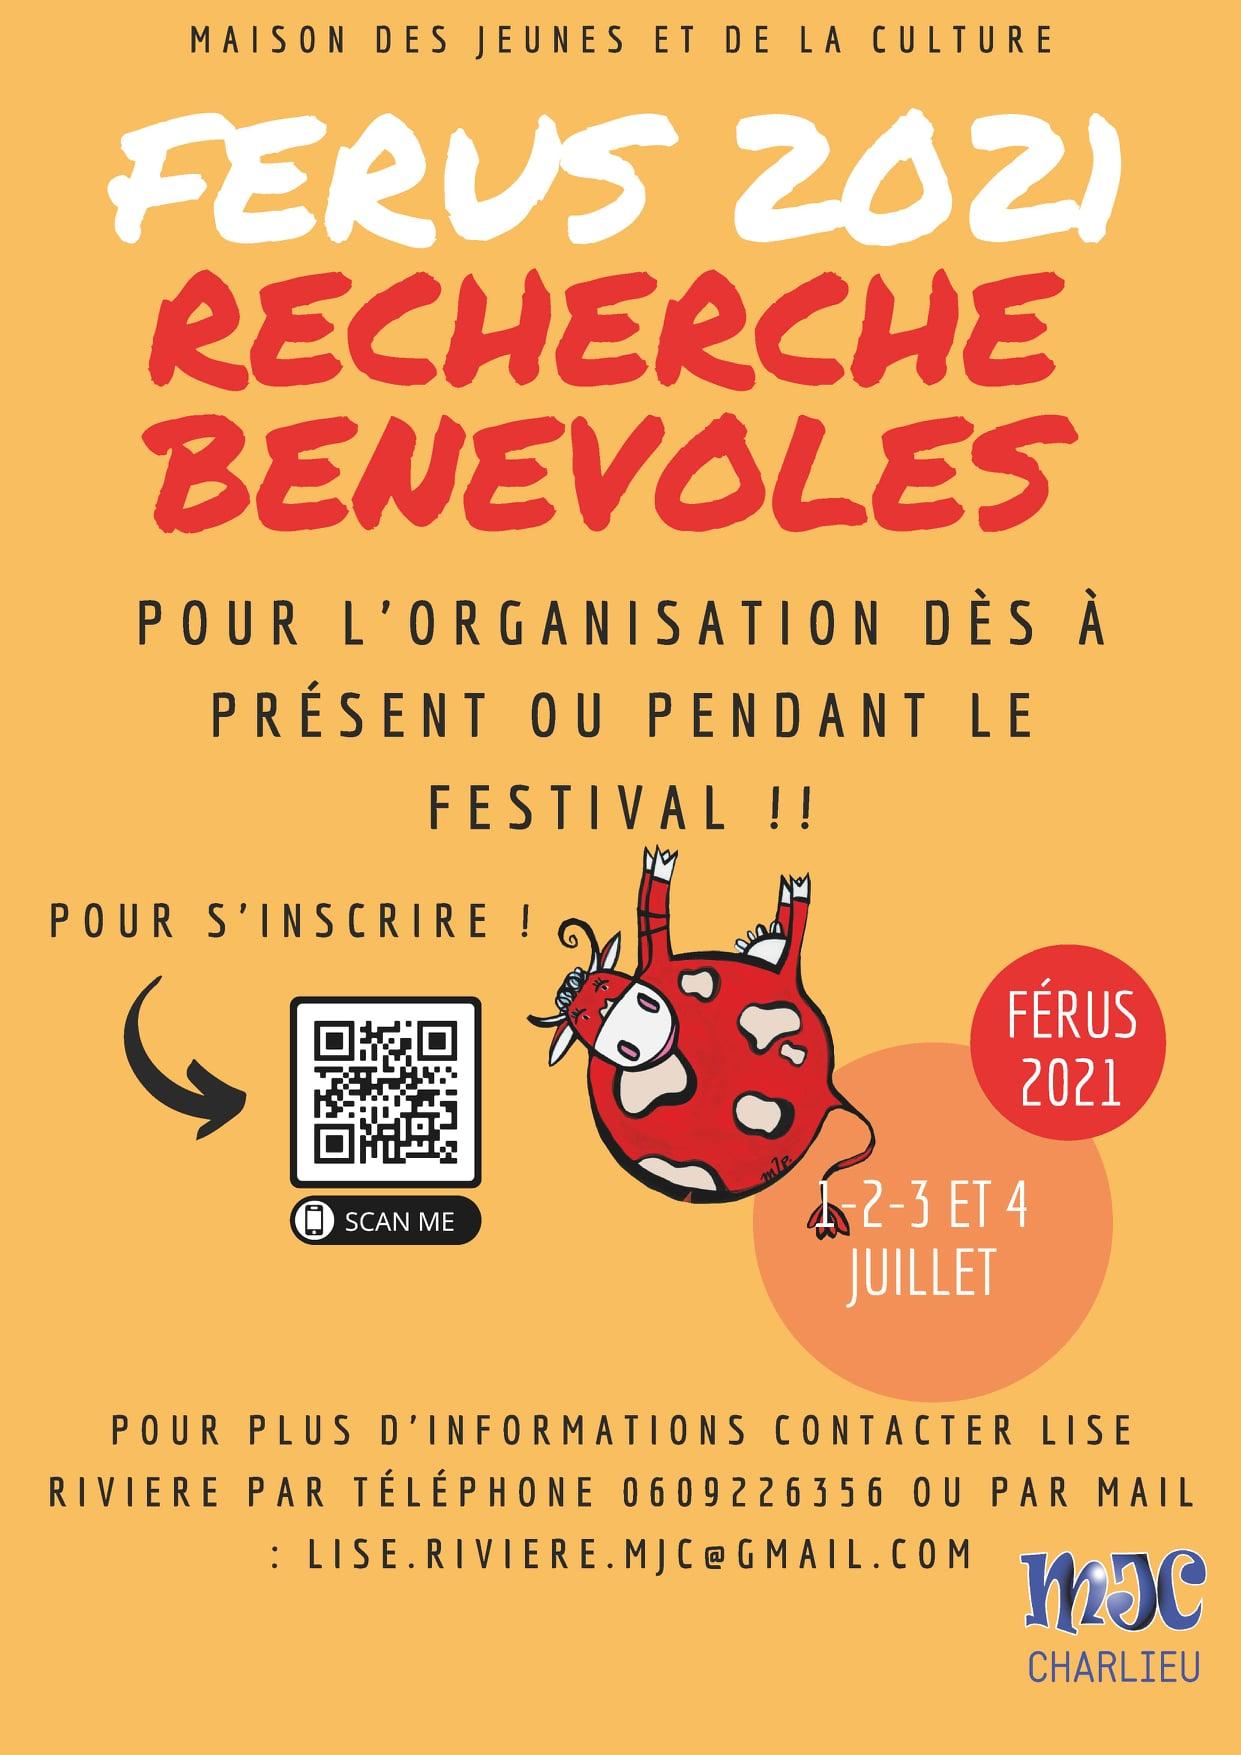 Le Festival des Férus 2021 recherche toujours des bénévoles !